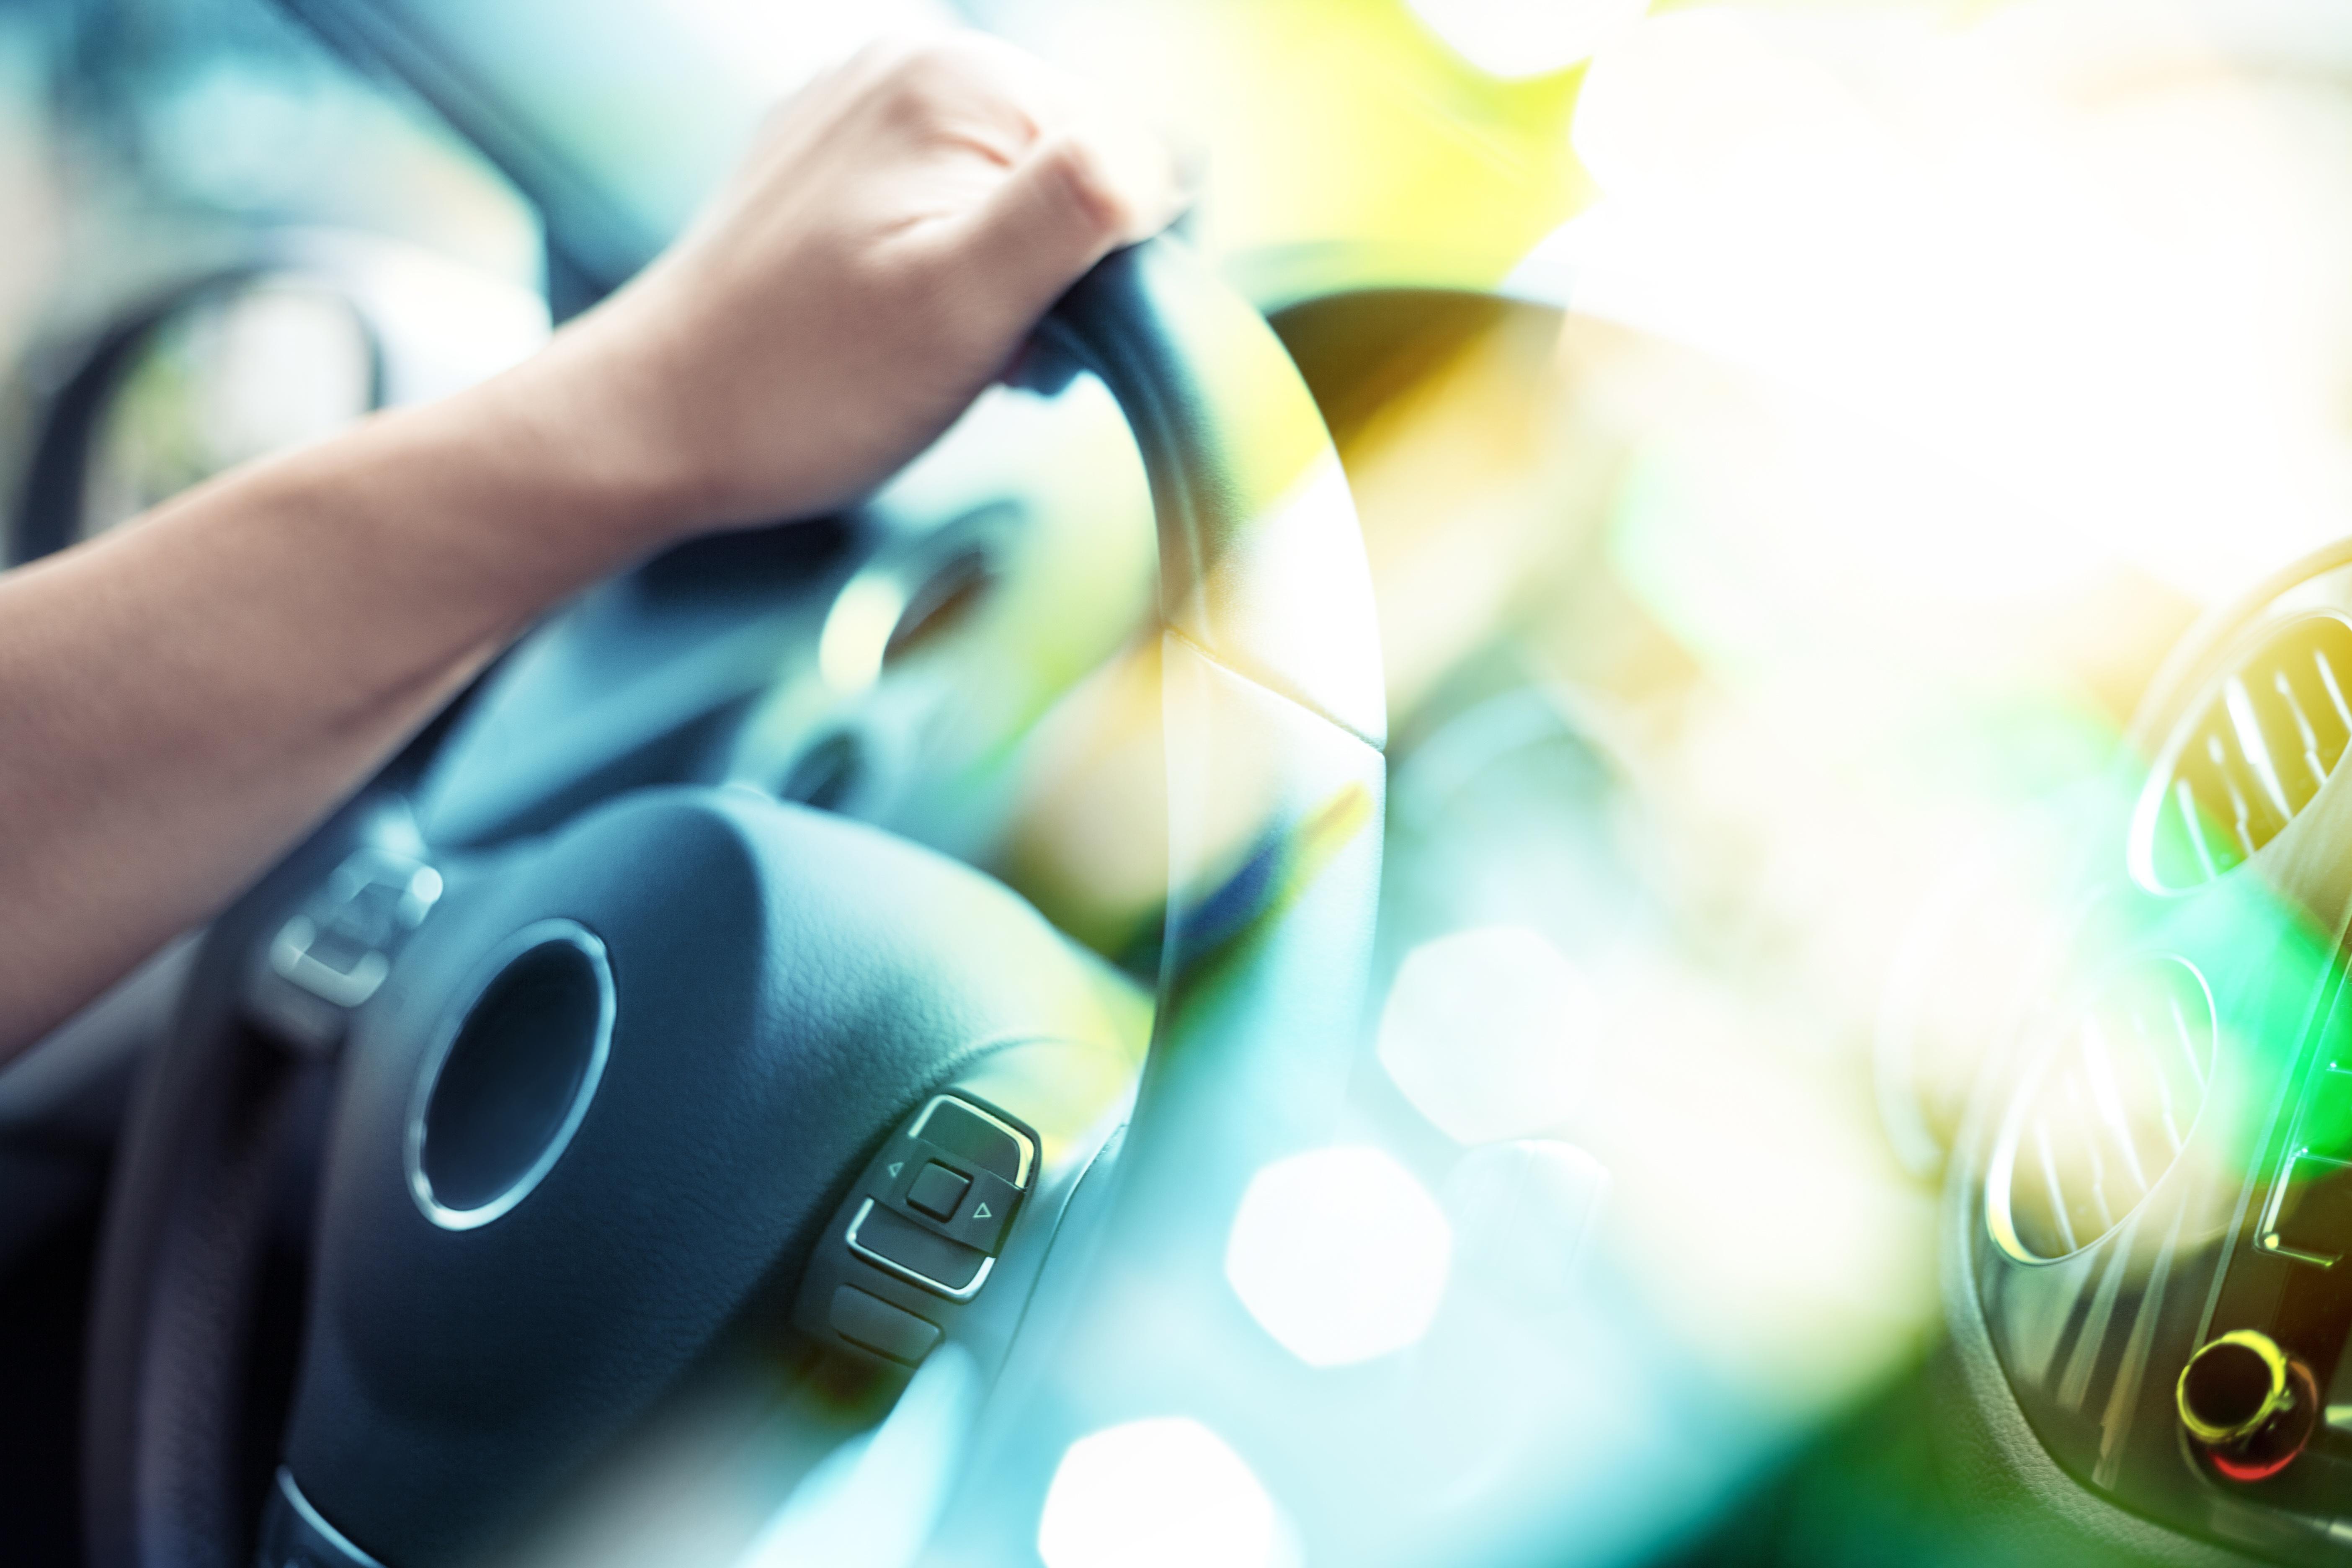 hand on steering wheel of car